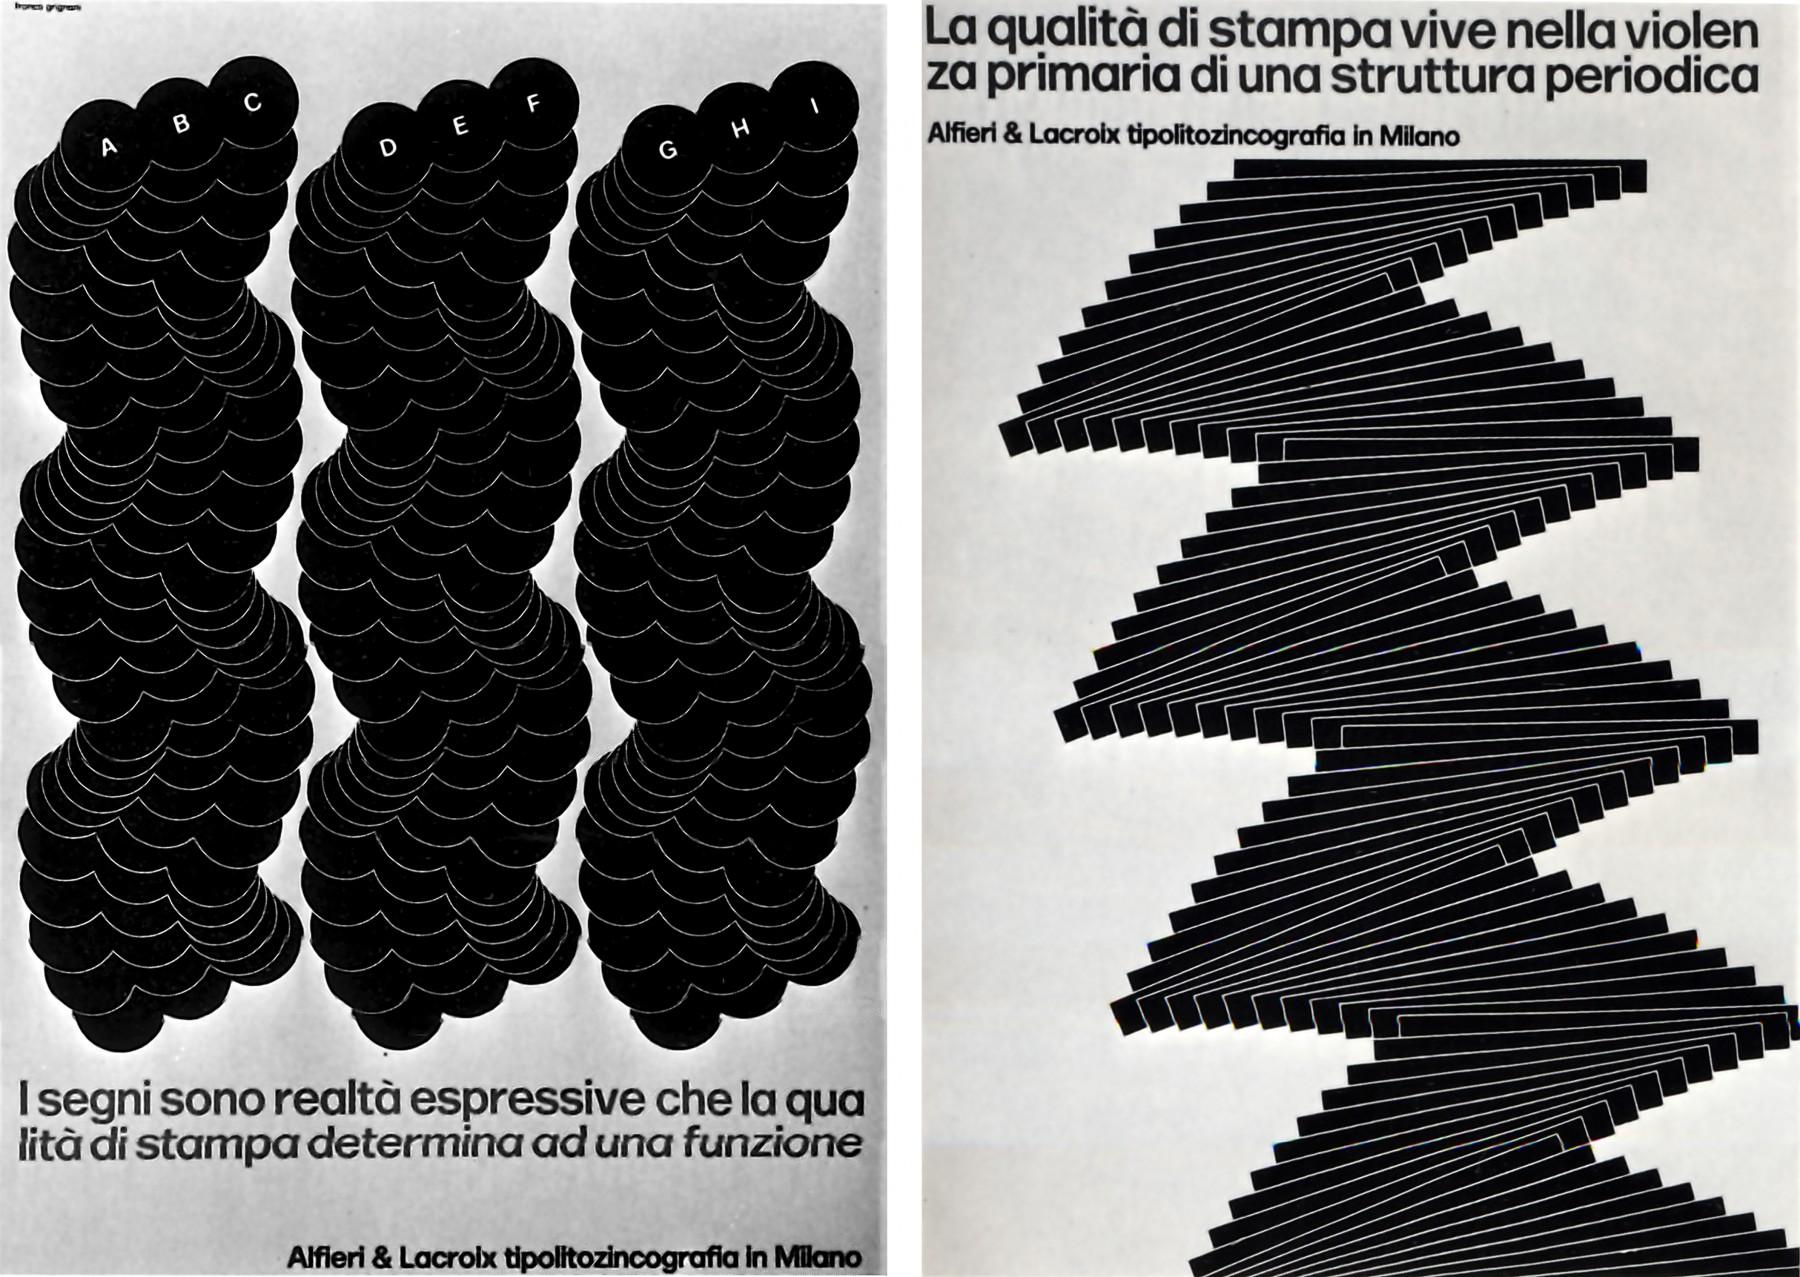 franco-grignani-graphic-designer-italian-publicity